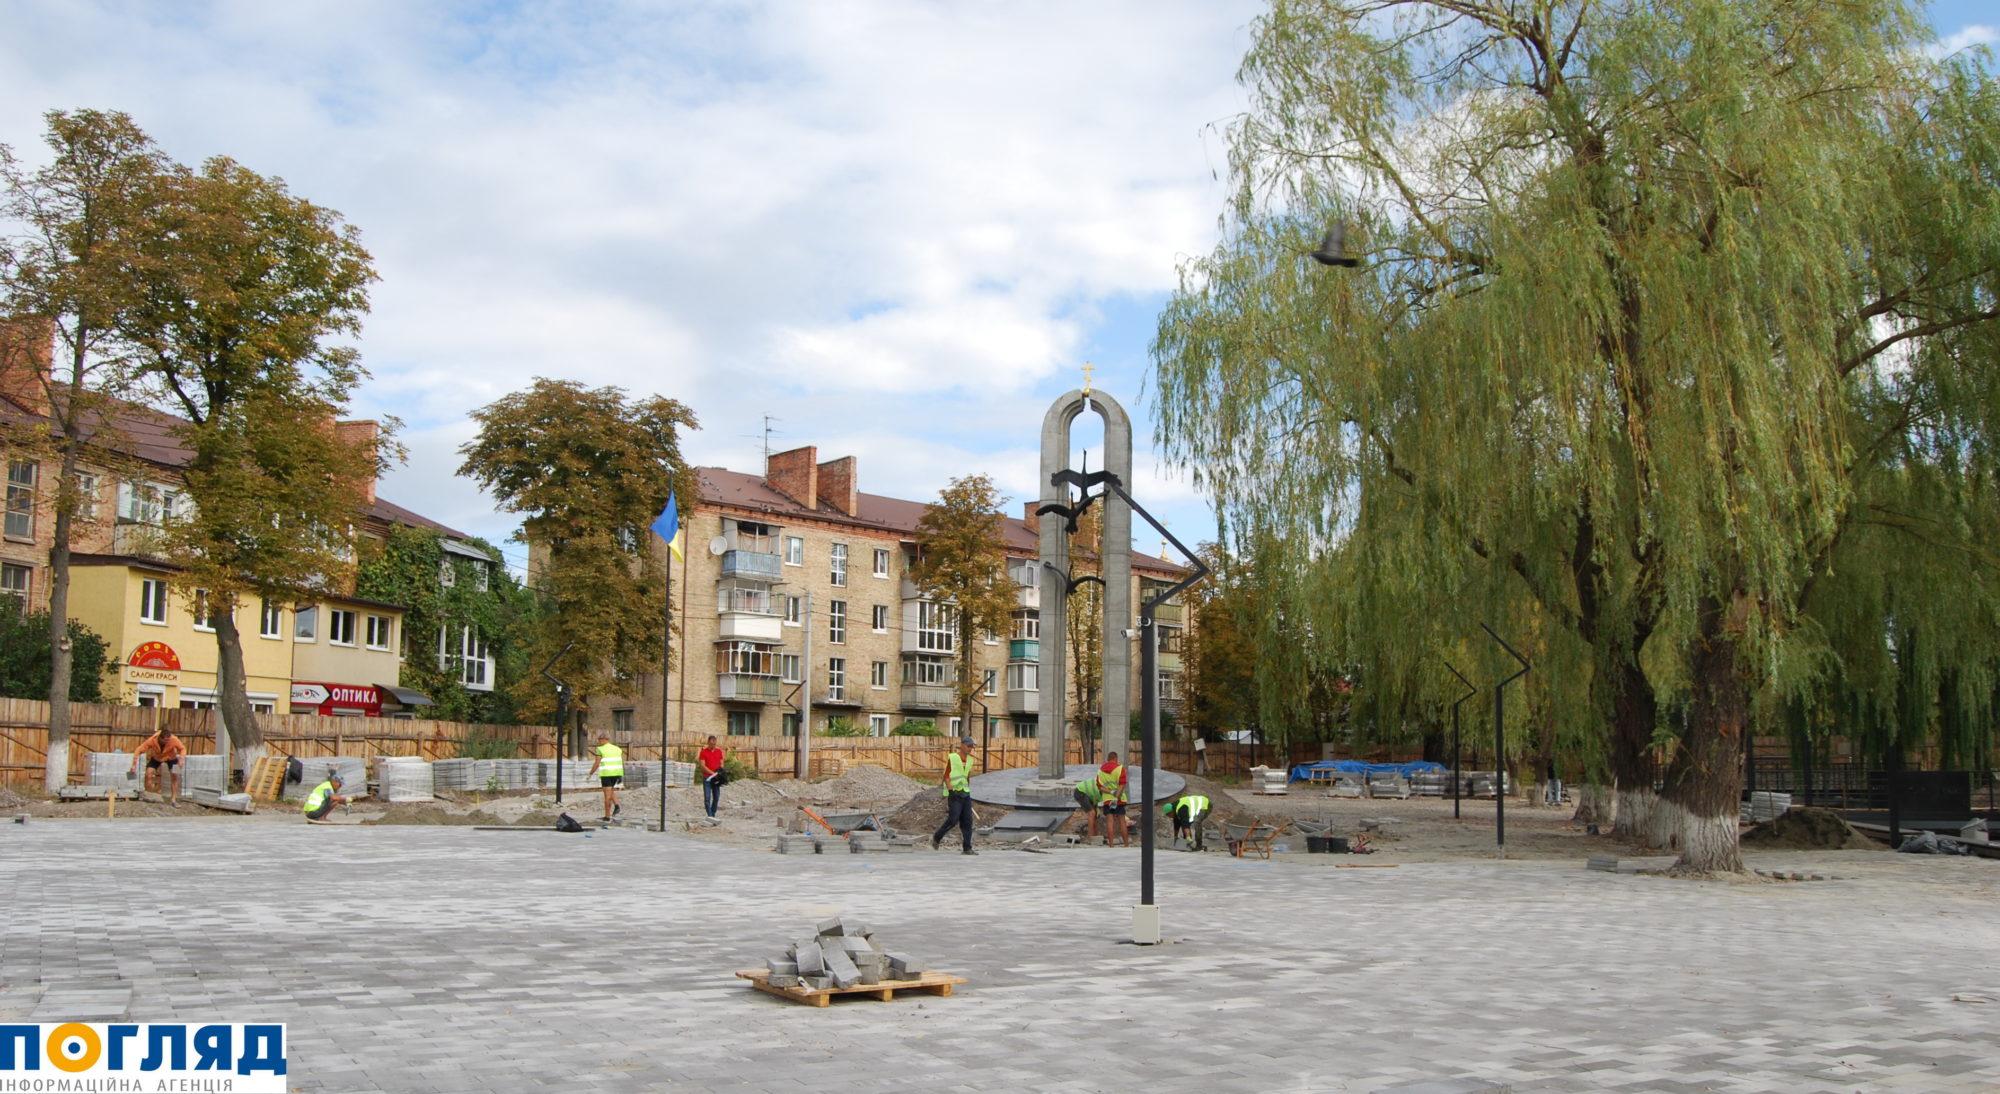 Васильківський парк «Венеція» готовий на 80%: розвінчуємо міфи